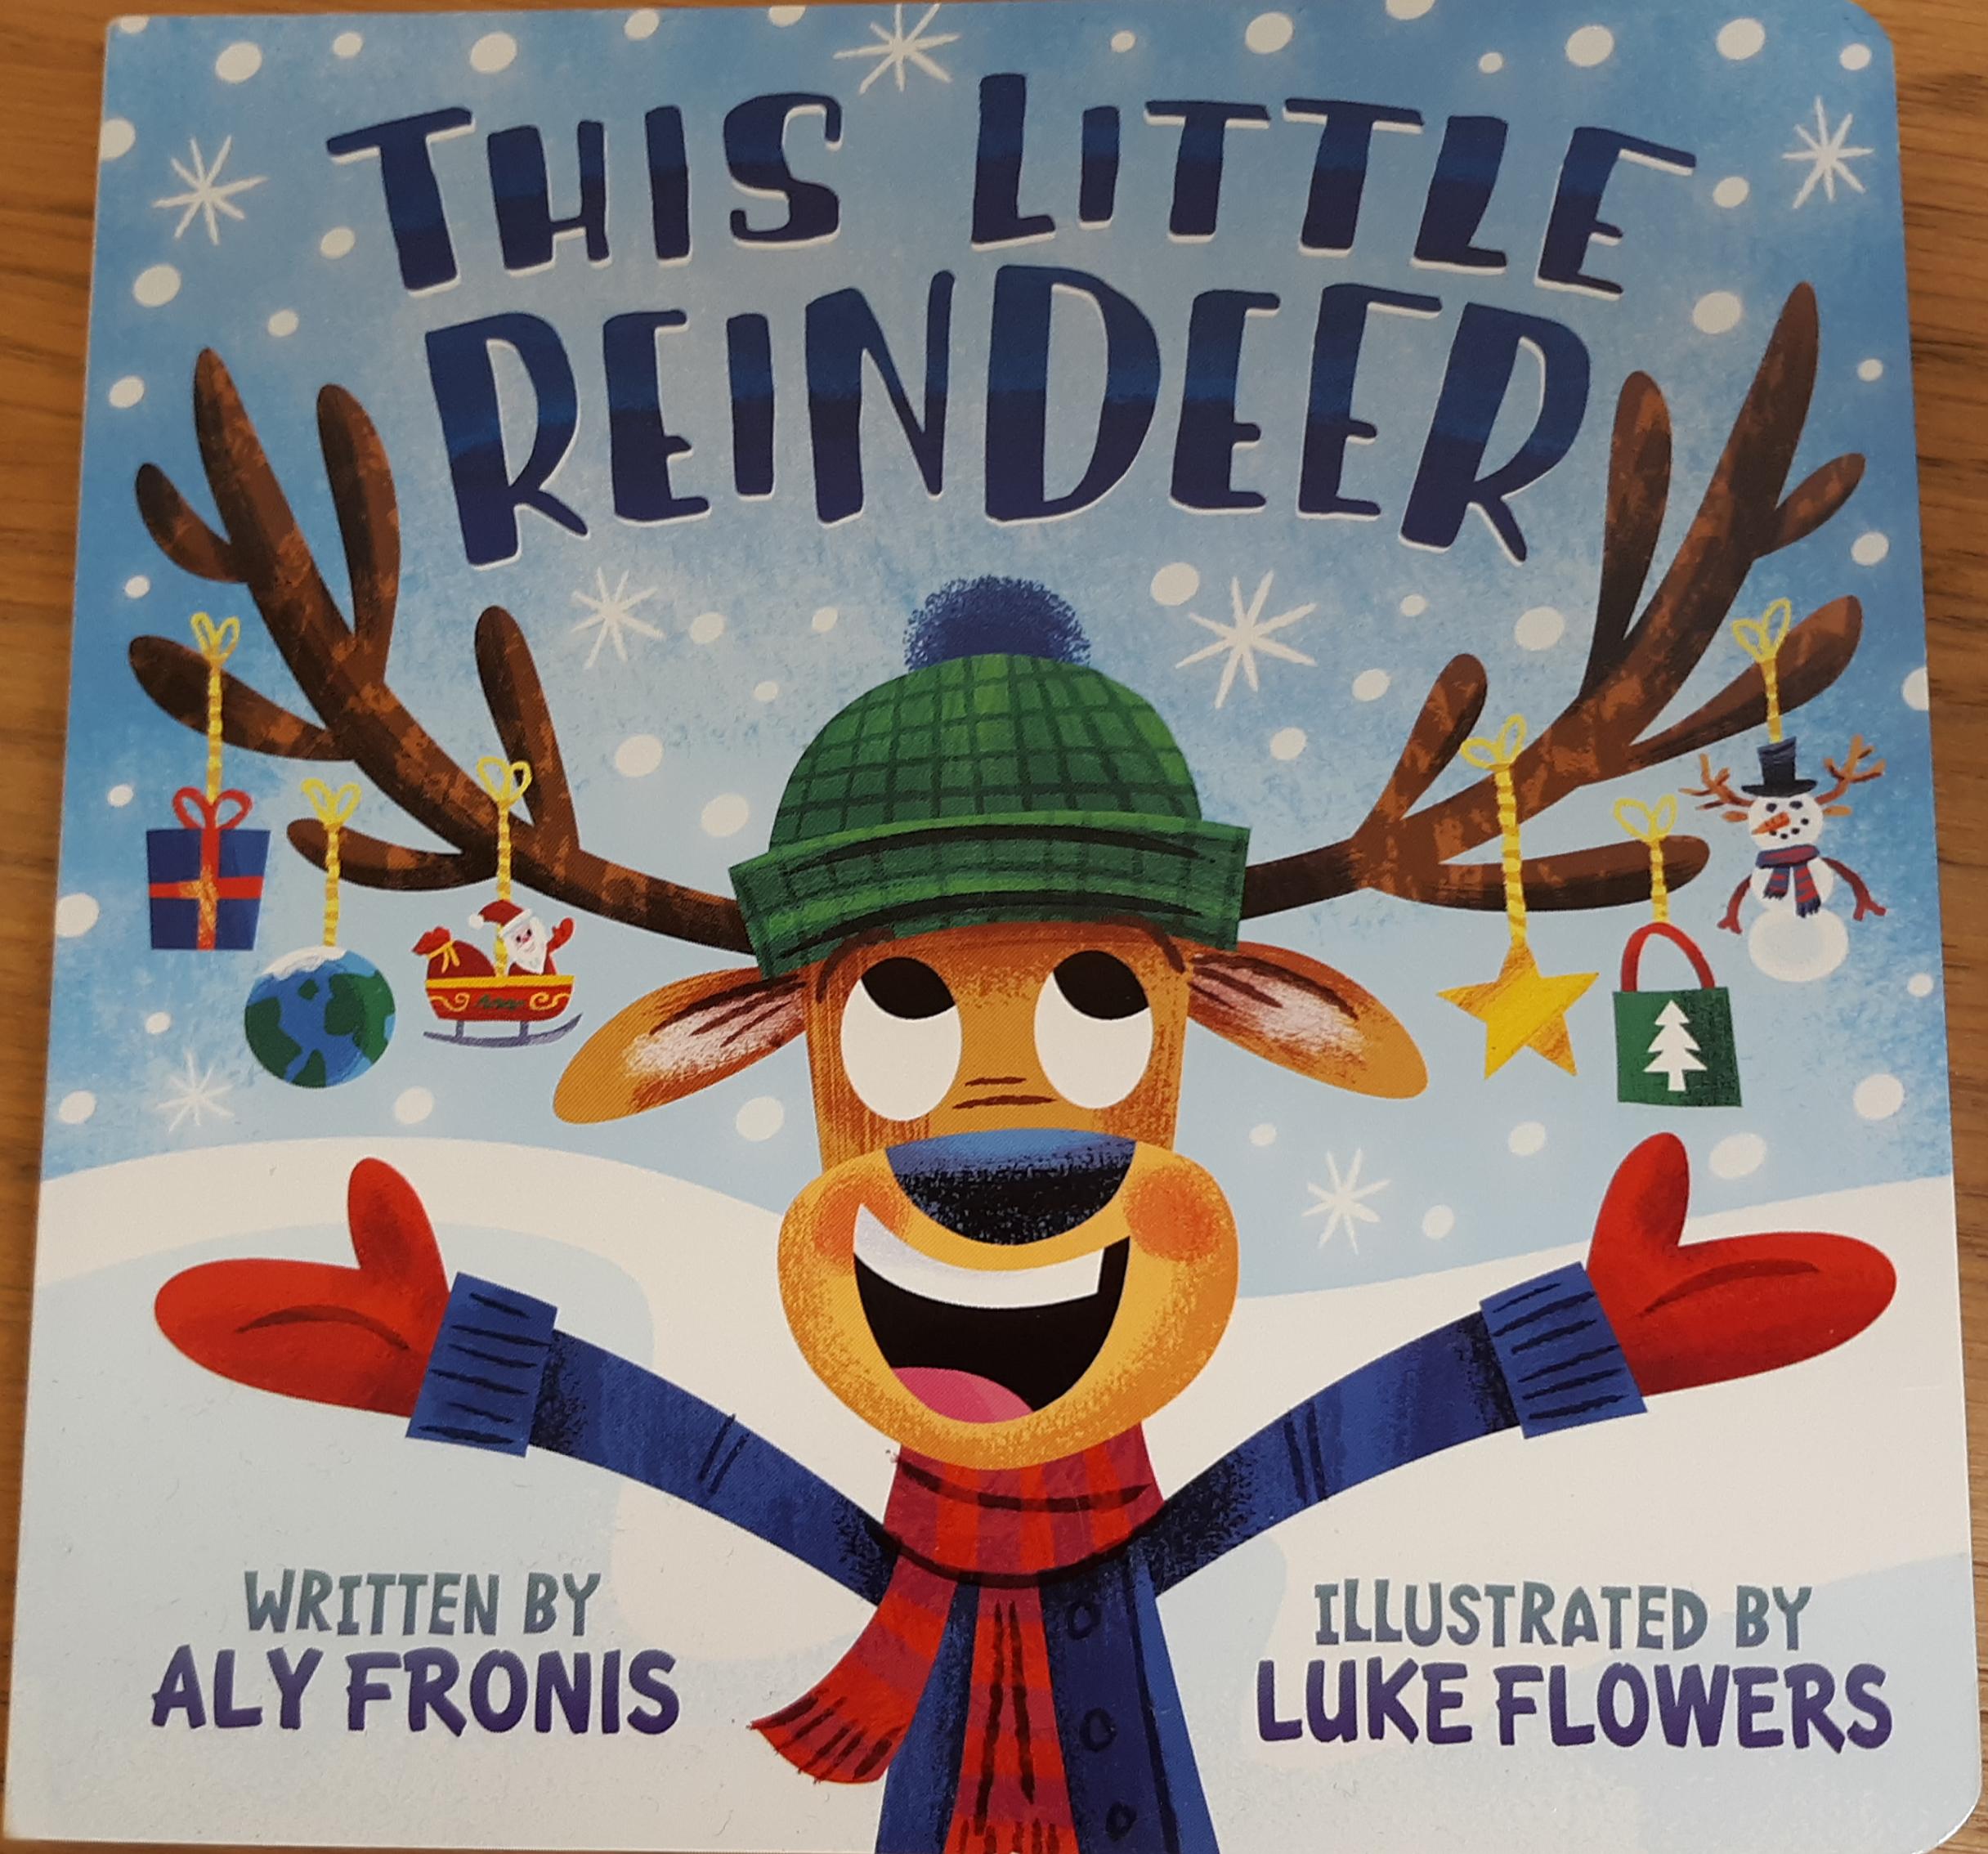 https://0201.nccdn.net/1_2/000/000/0ec/b18/the-little-reindeer.png